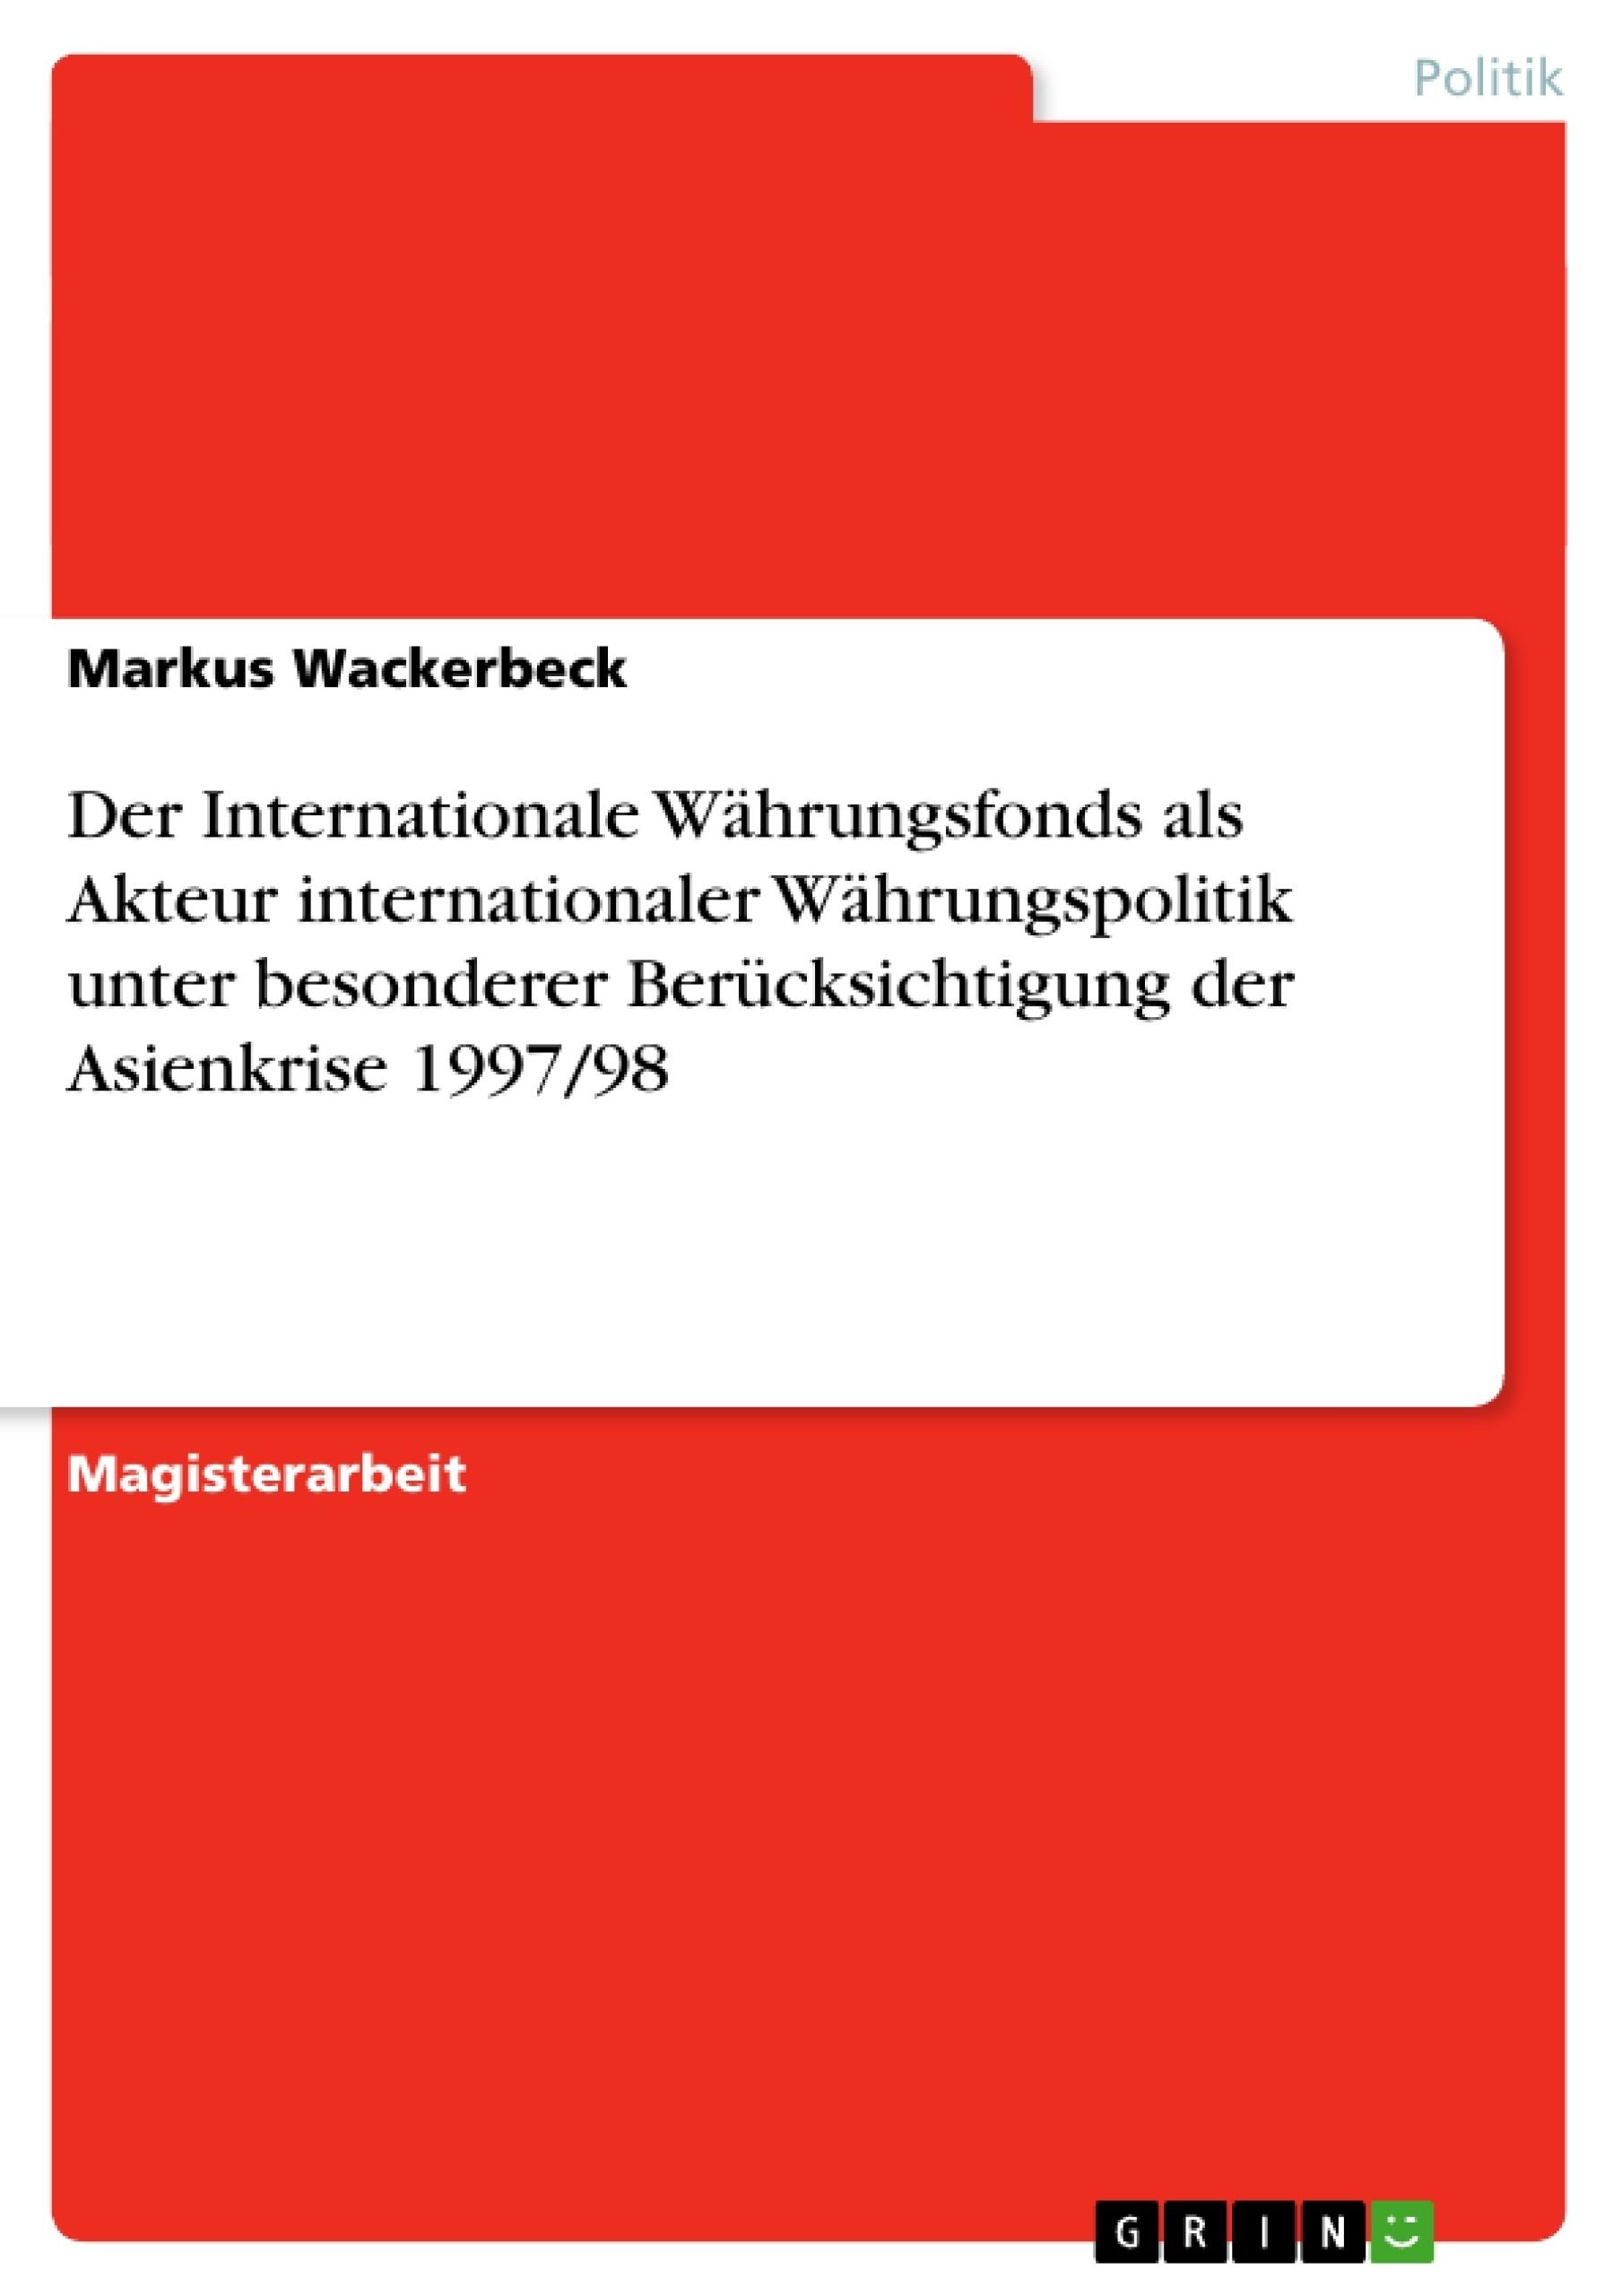 Titel: Der Internationale Währungsfonds als Akteur internationaler Währungspolitik unter besonderer Berücksichtigung der Asienkrise 1997/98